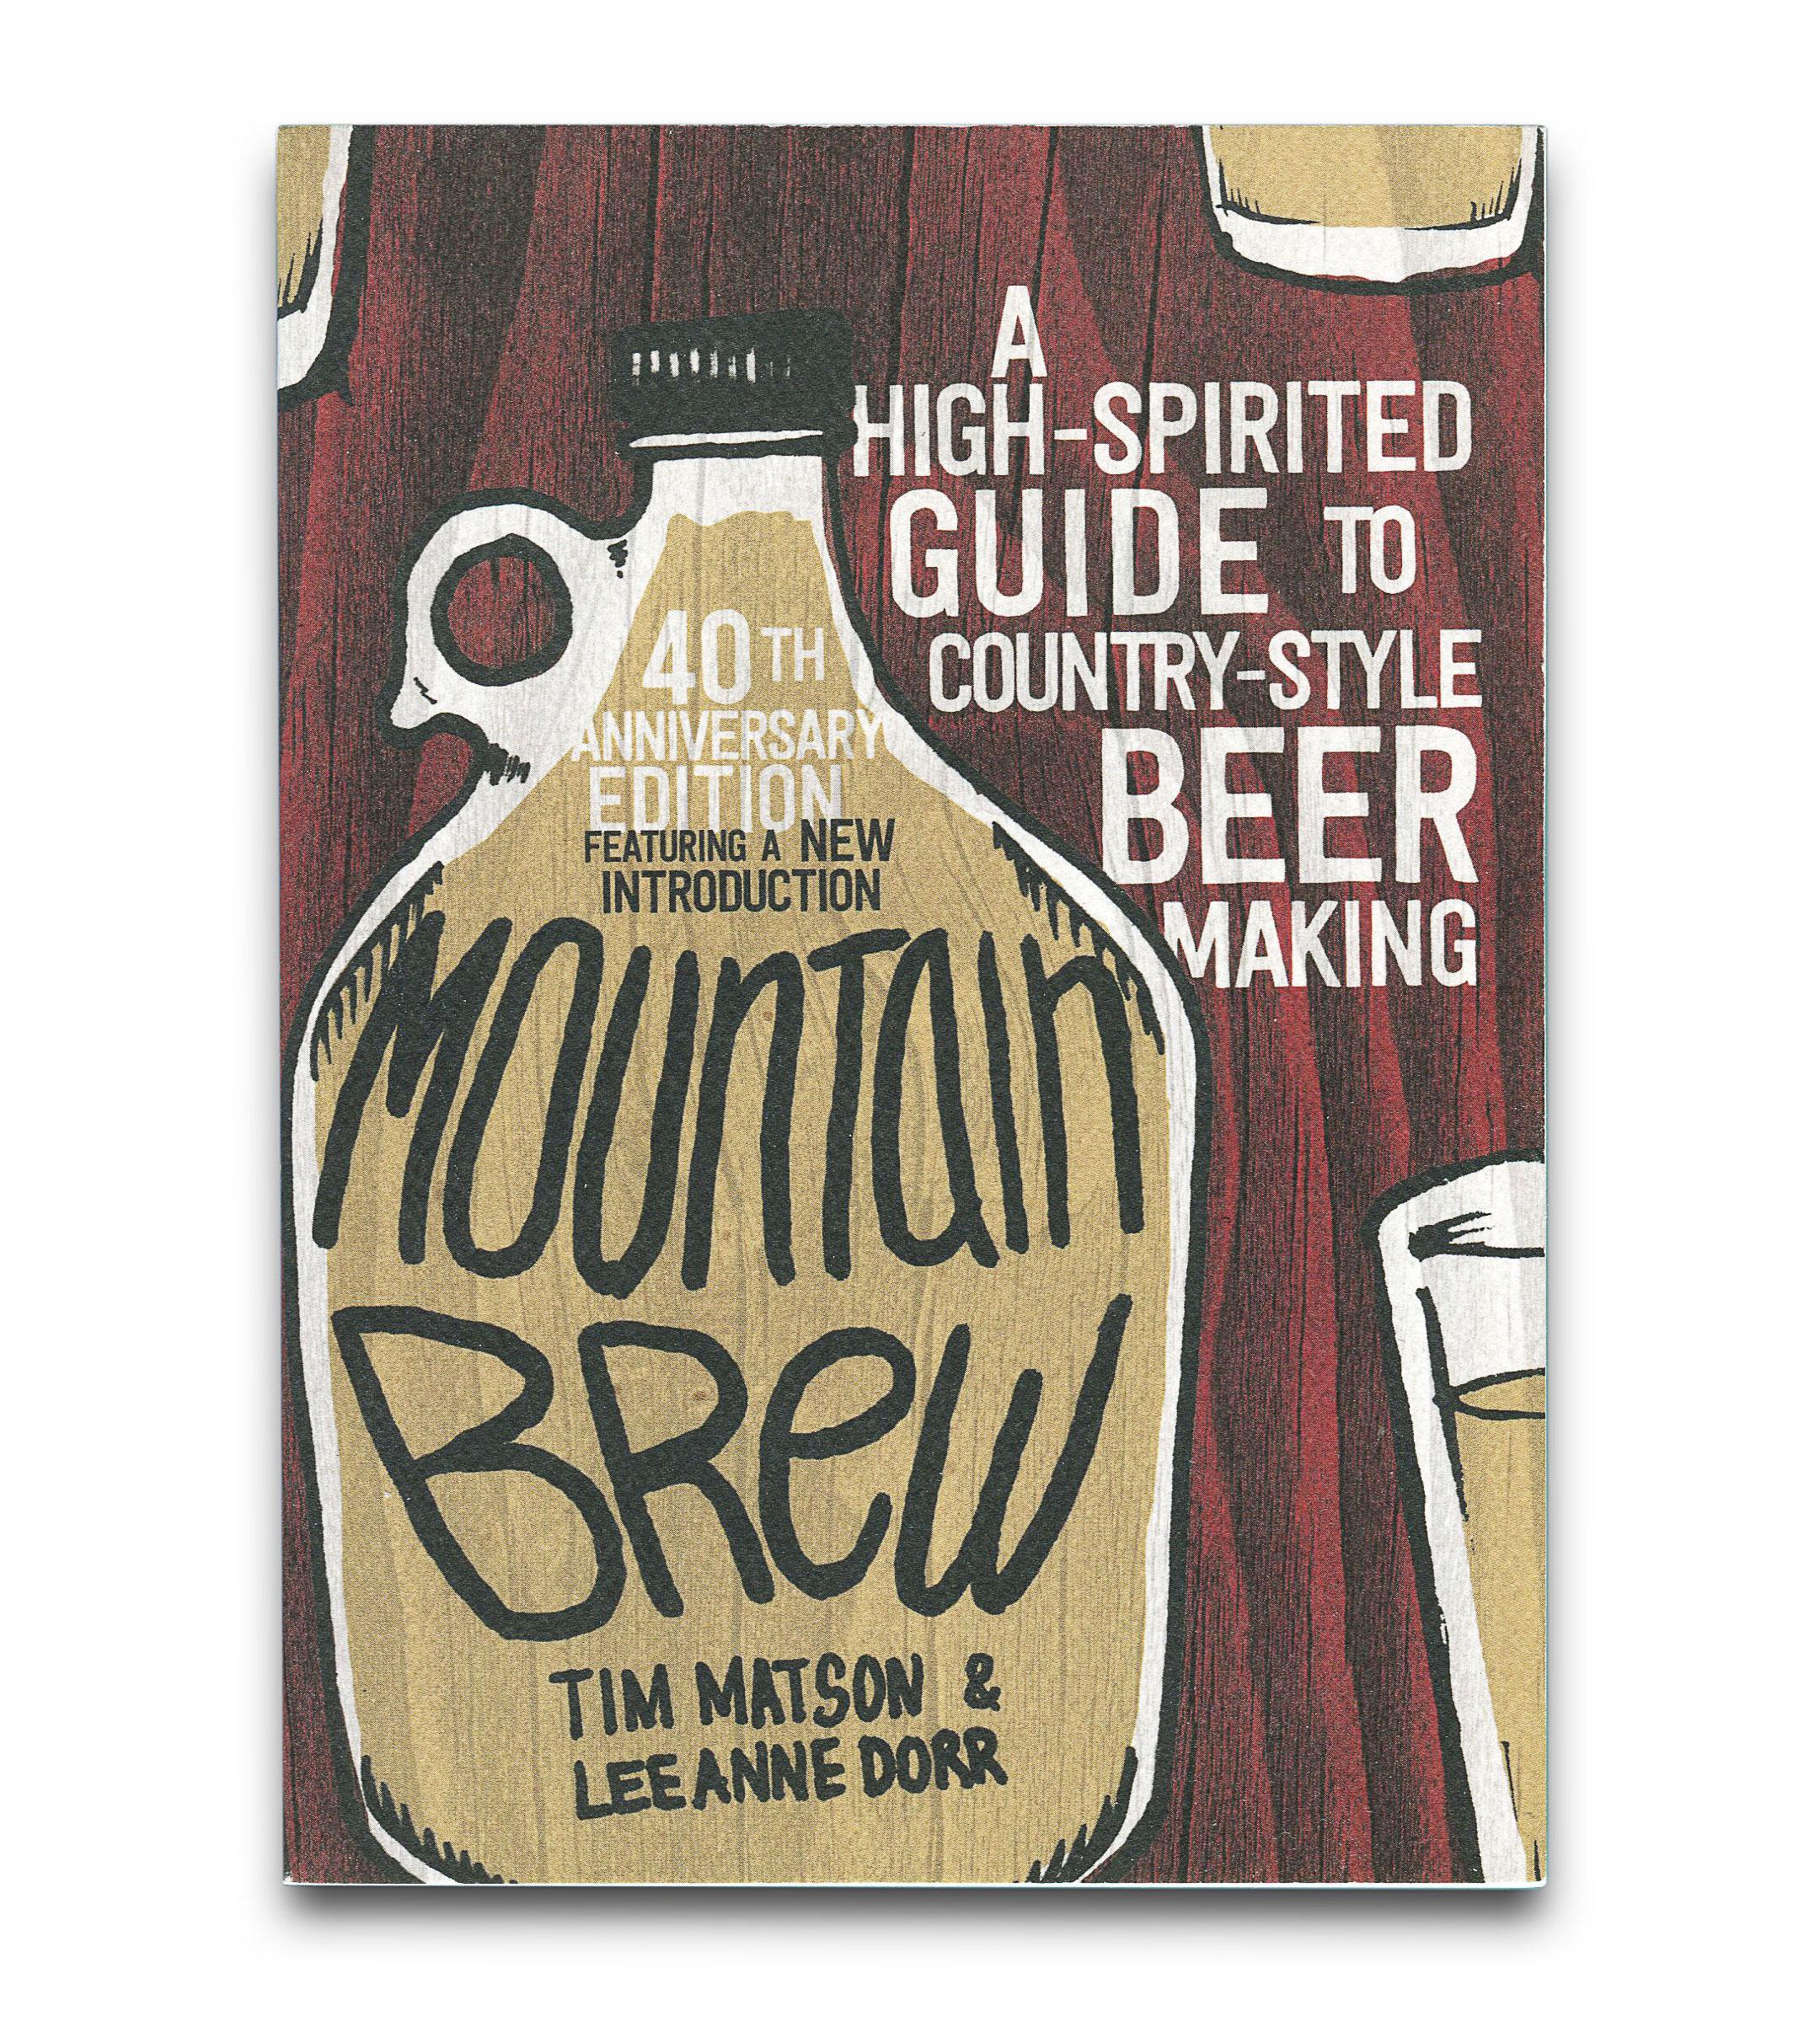 MountainBrew_Details2.jpg